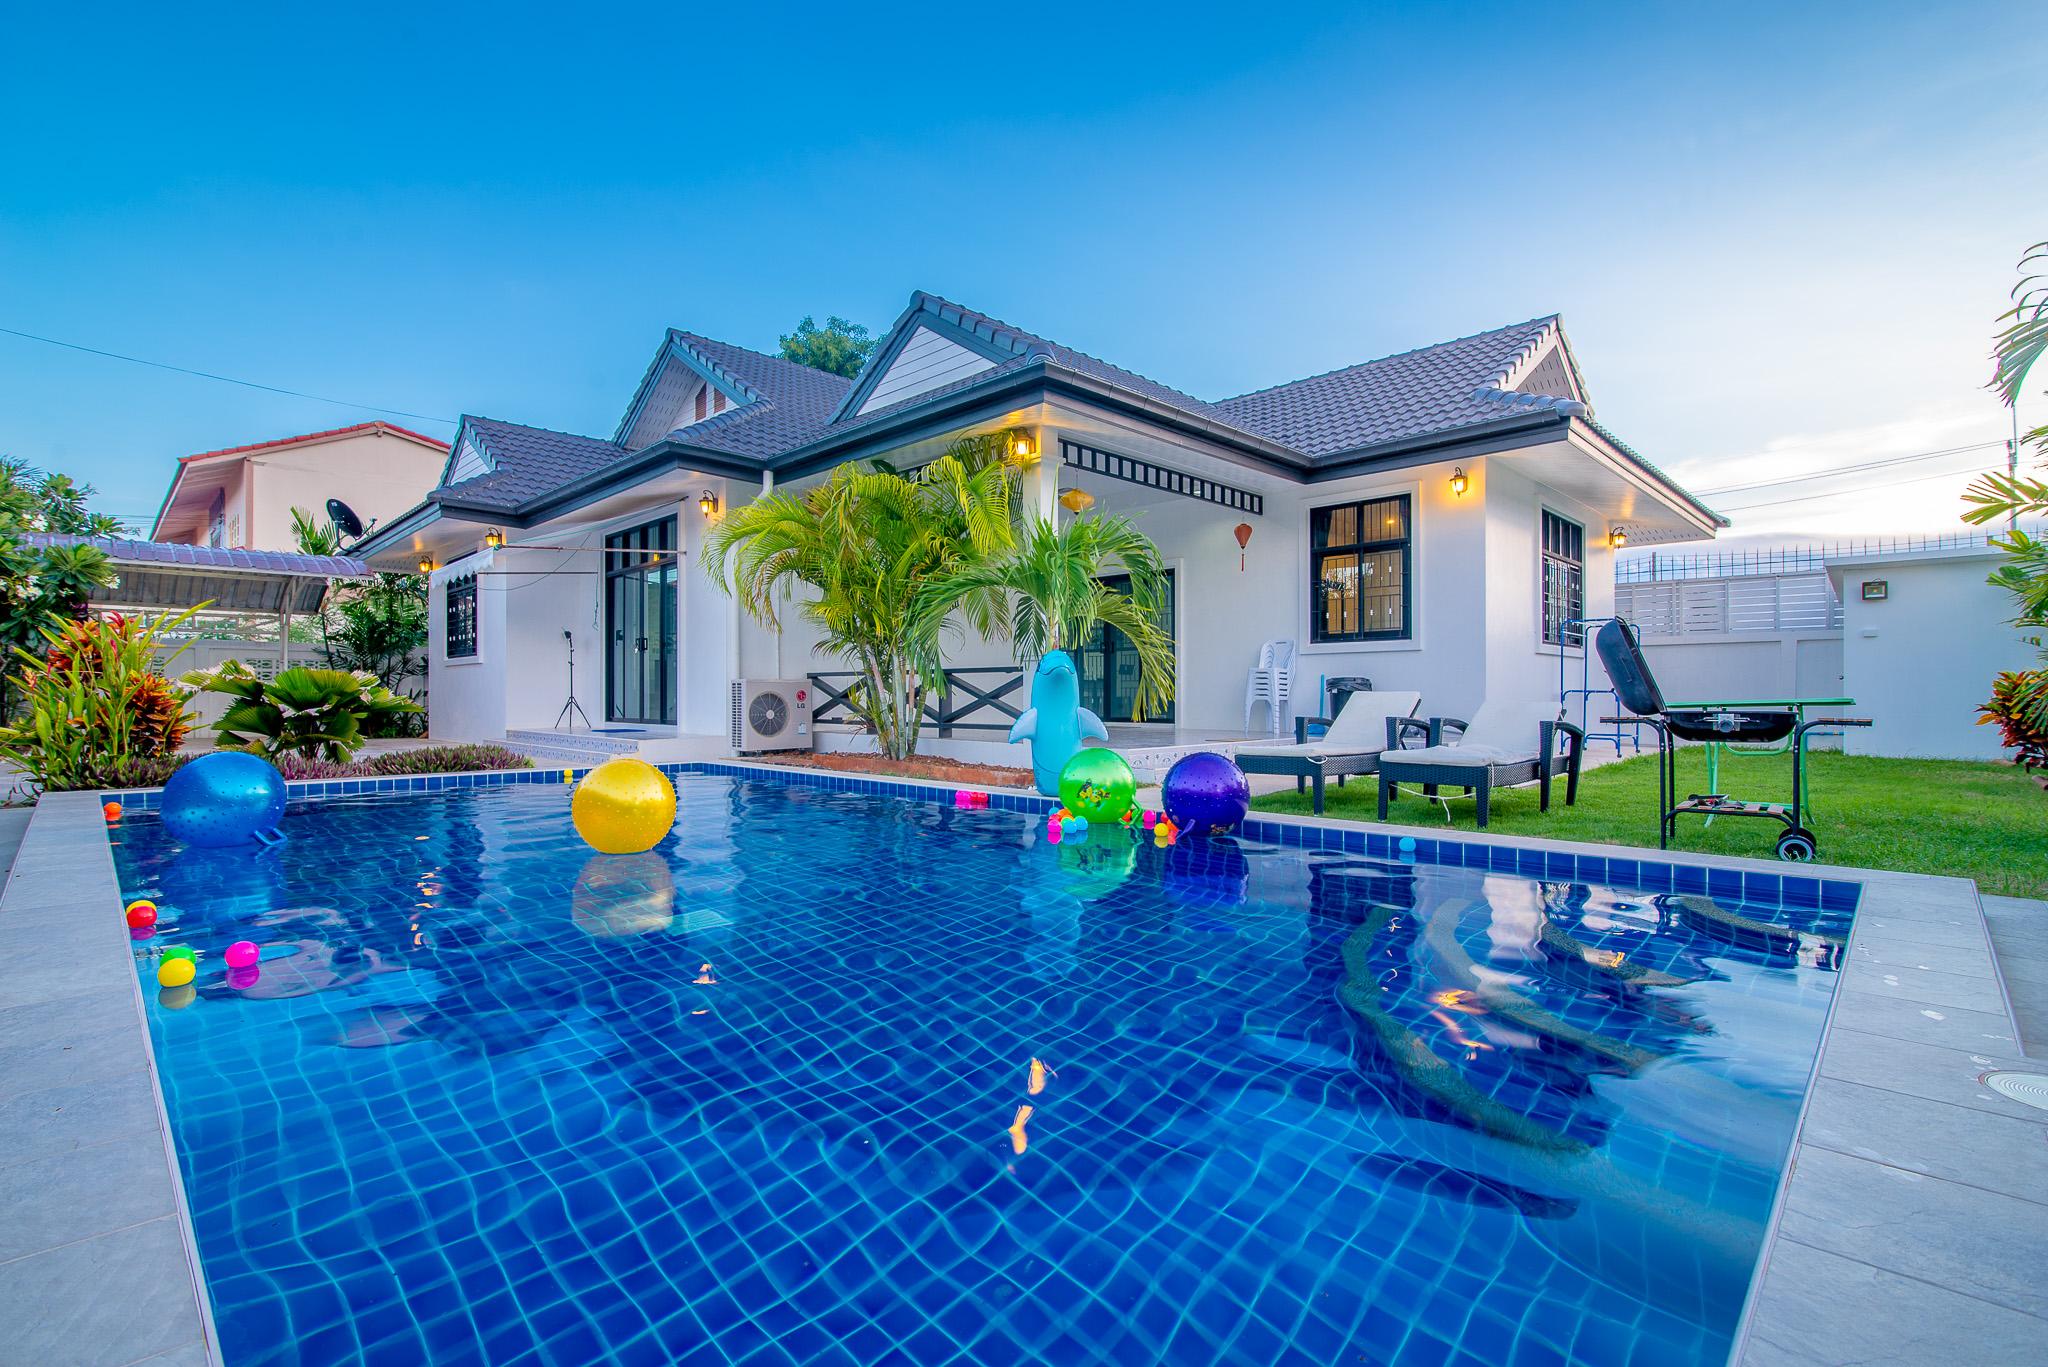 บ้าน Green Shop Pool Villa หัวหิน(บ้าน 3 ห้องนอน 2 ห้องน้ำ)